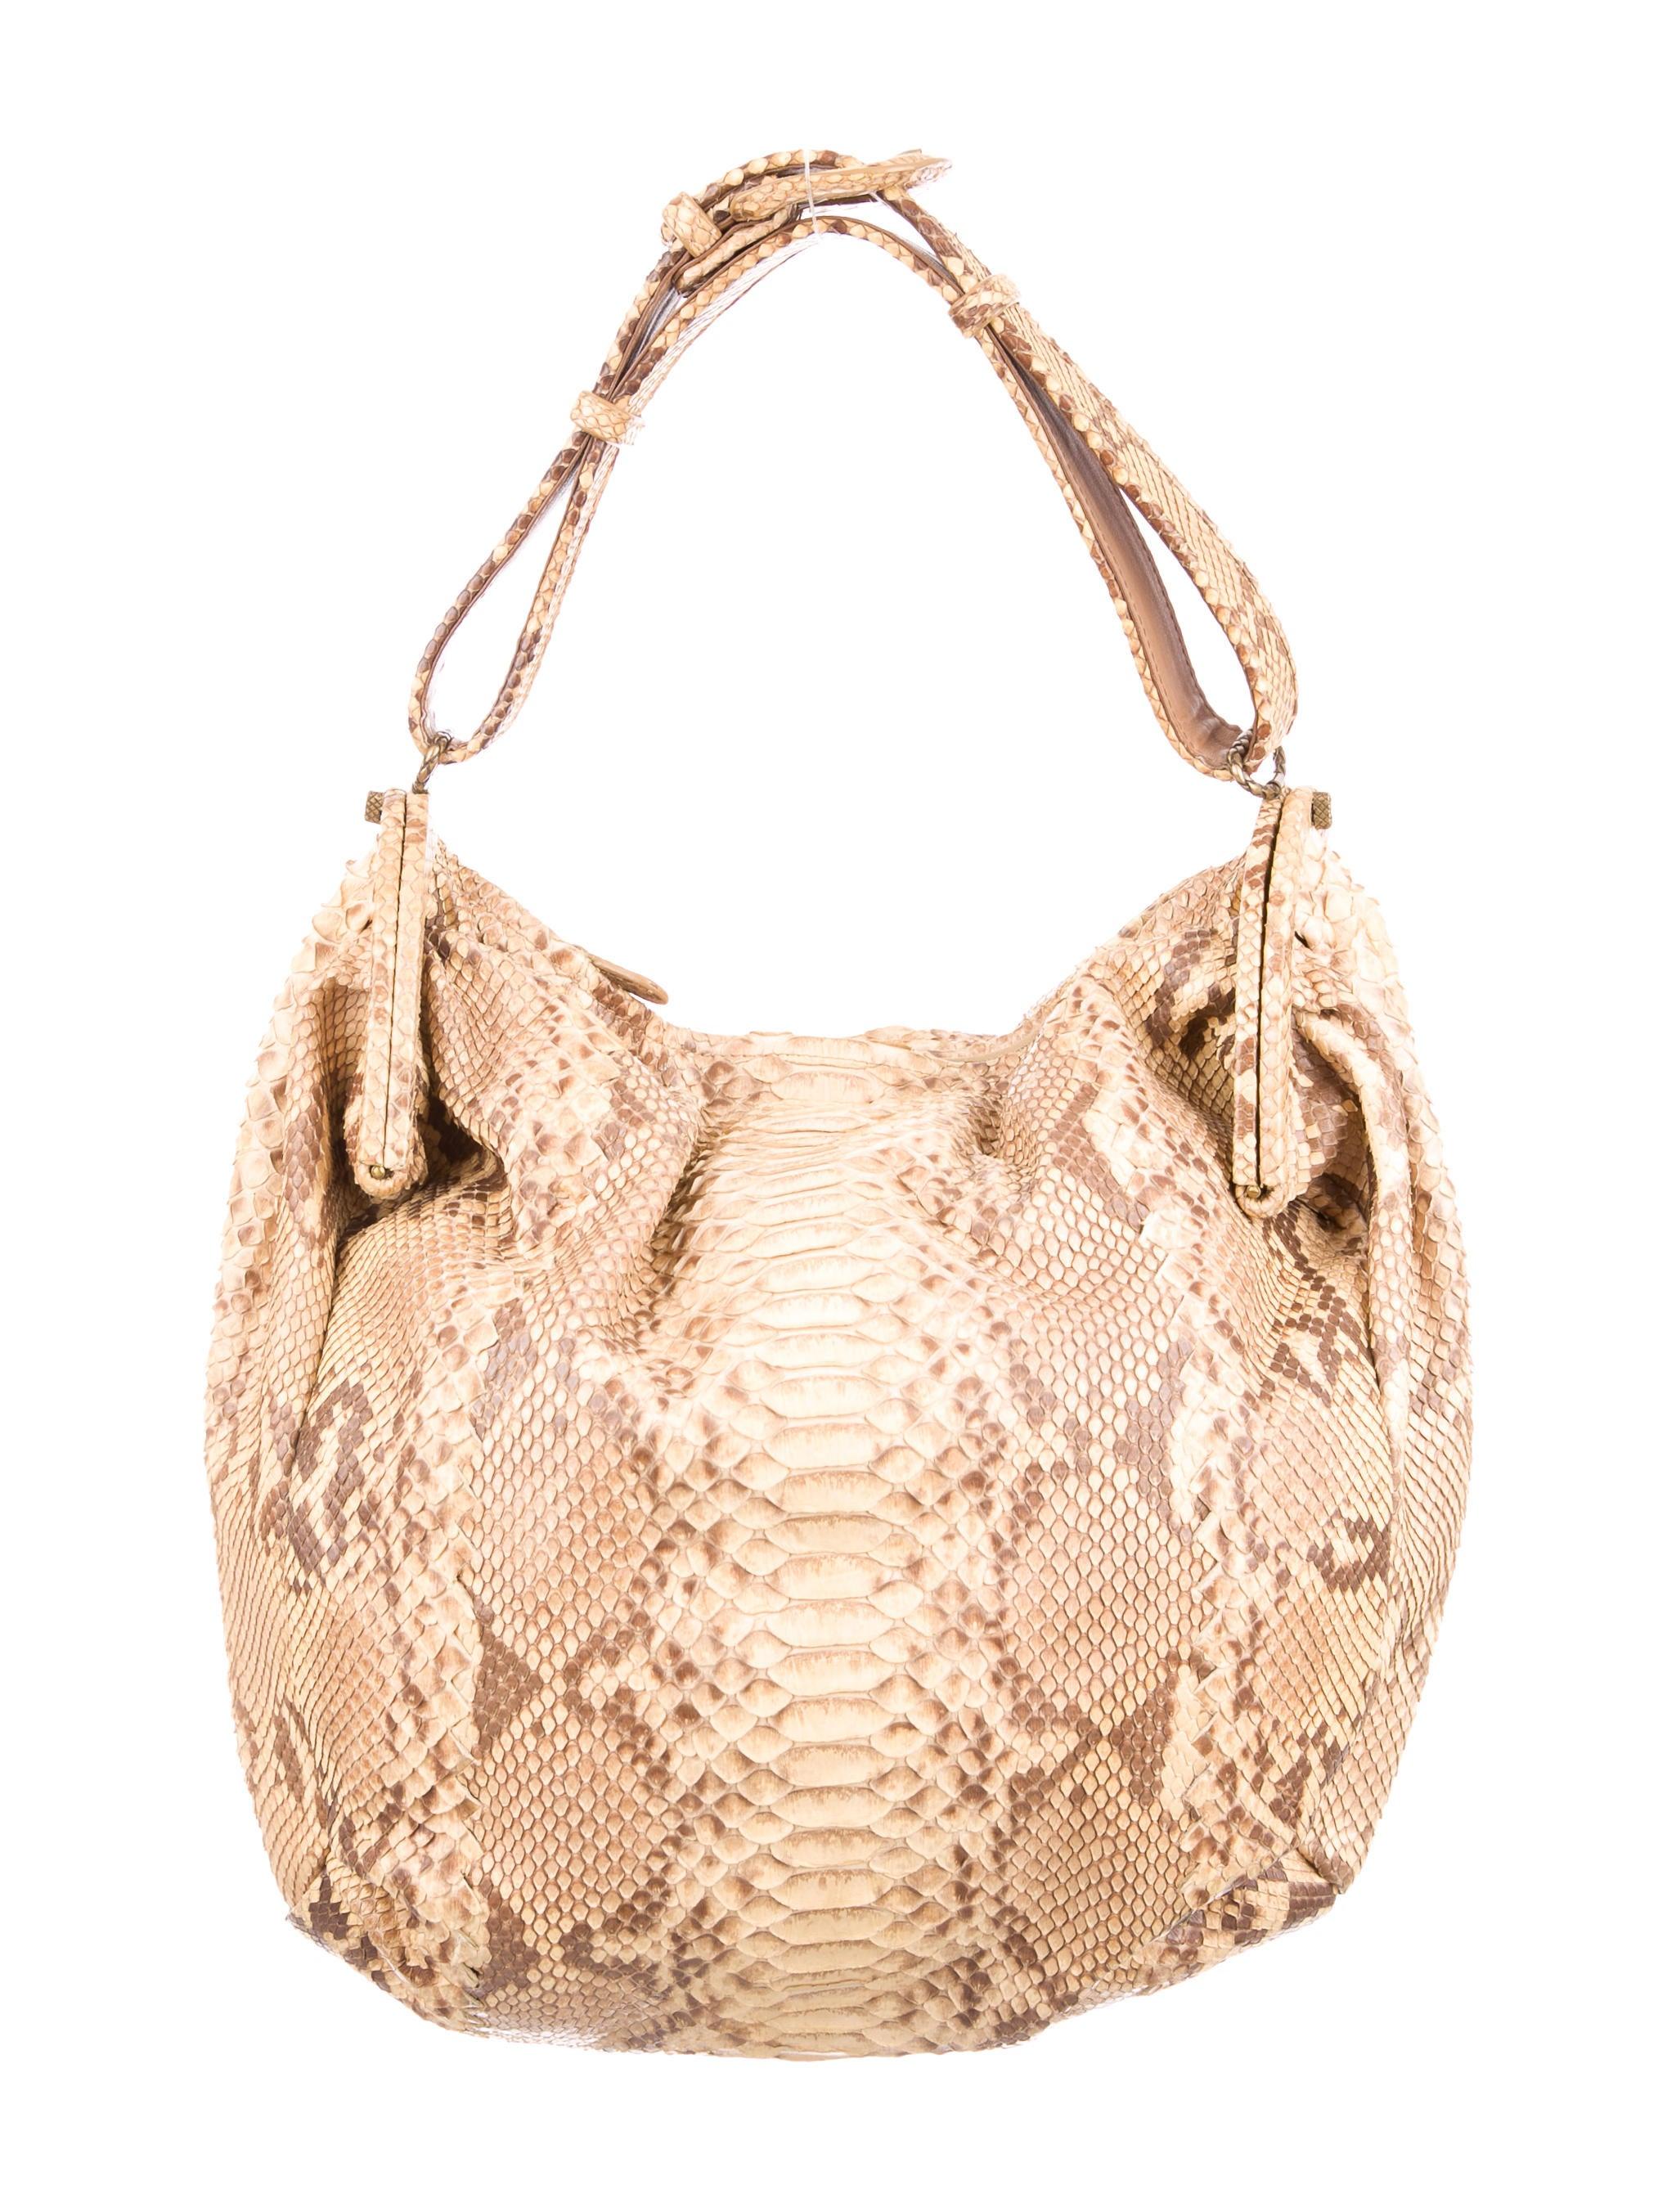 e2b35df558a Bottega Veneta Duette Python Bag - Handbags - BOT42585   The RealReal